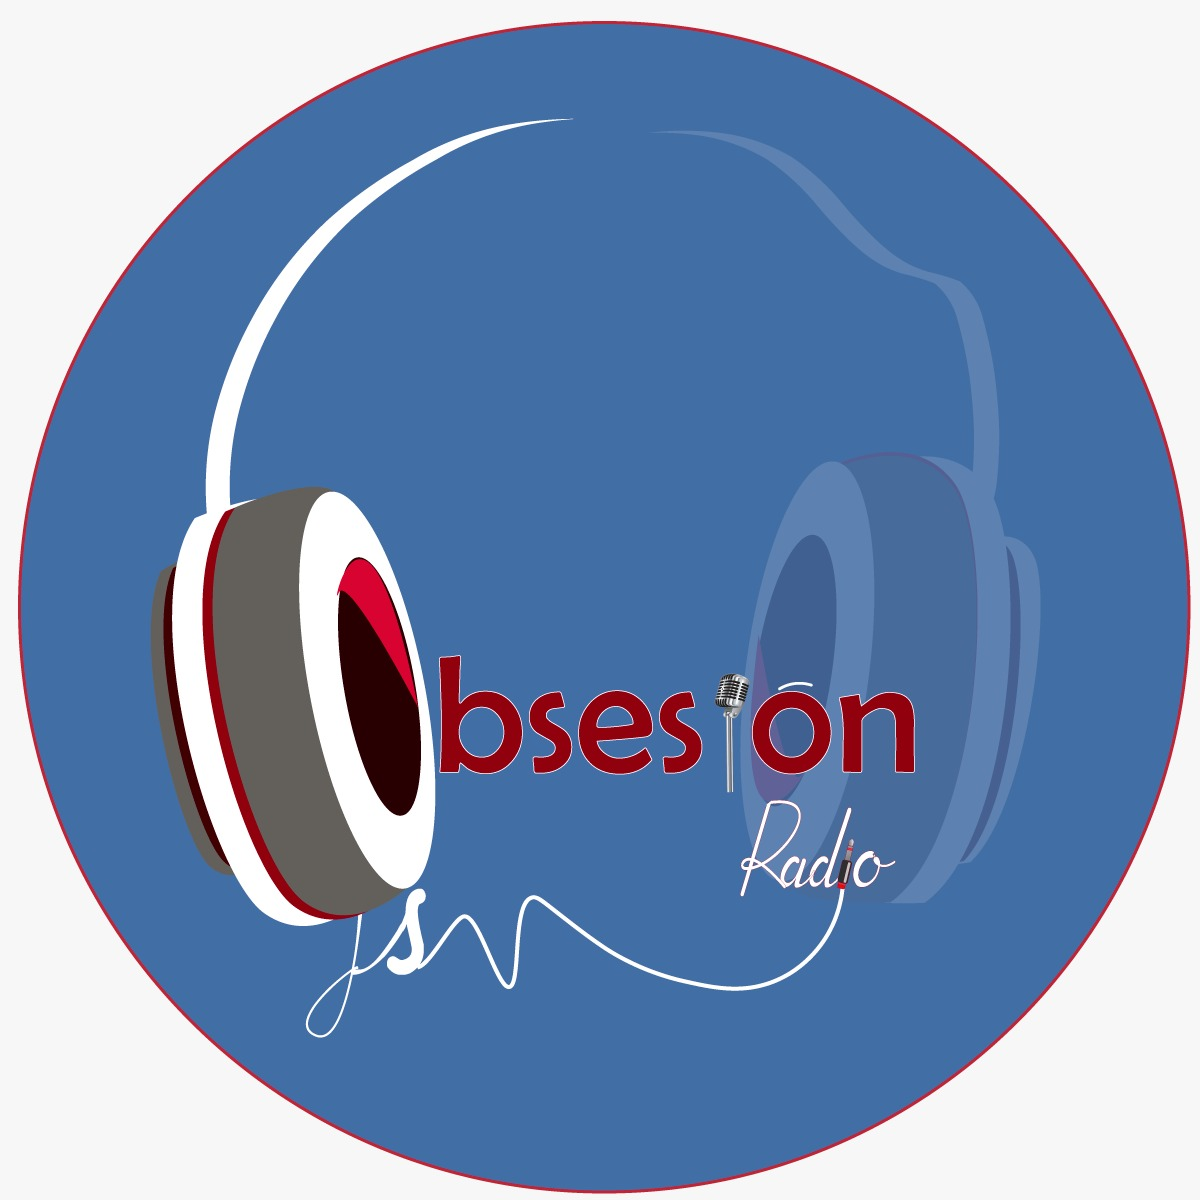 Obsesion Radio